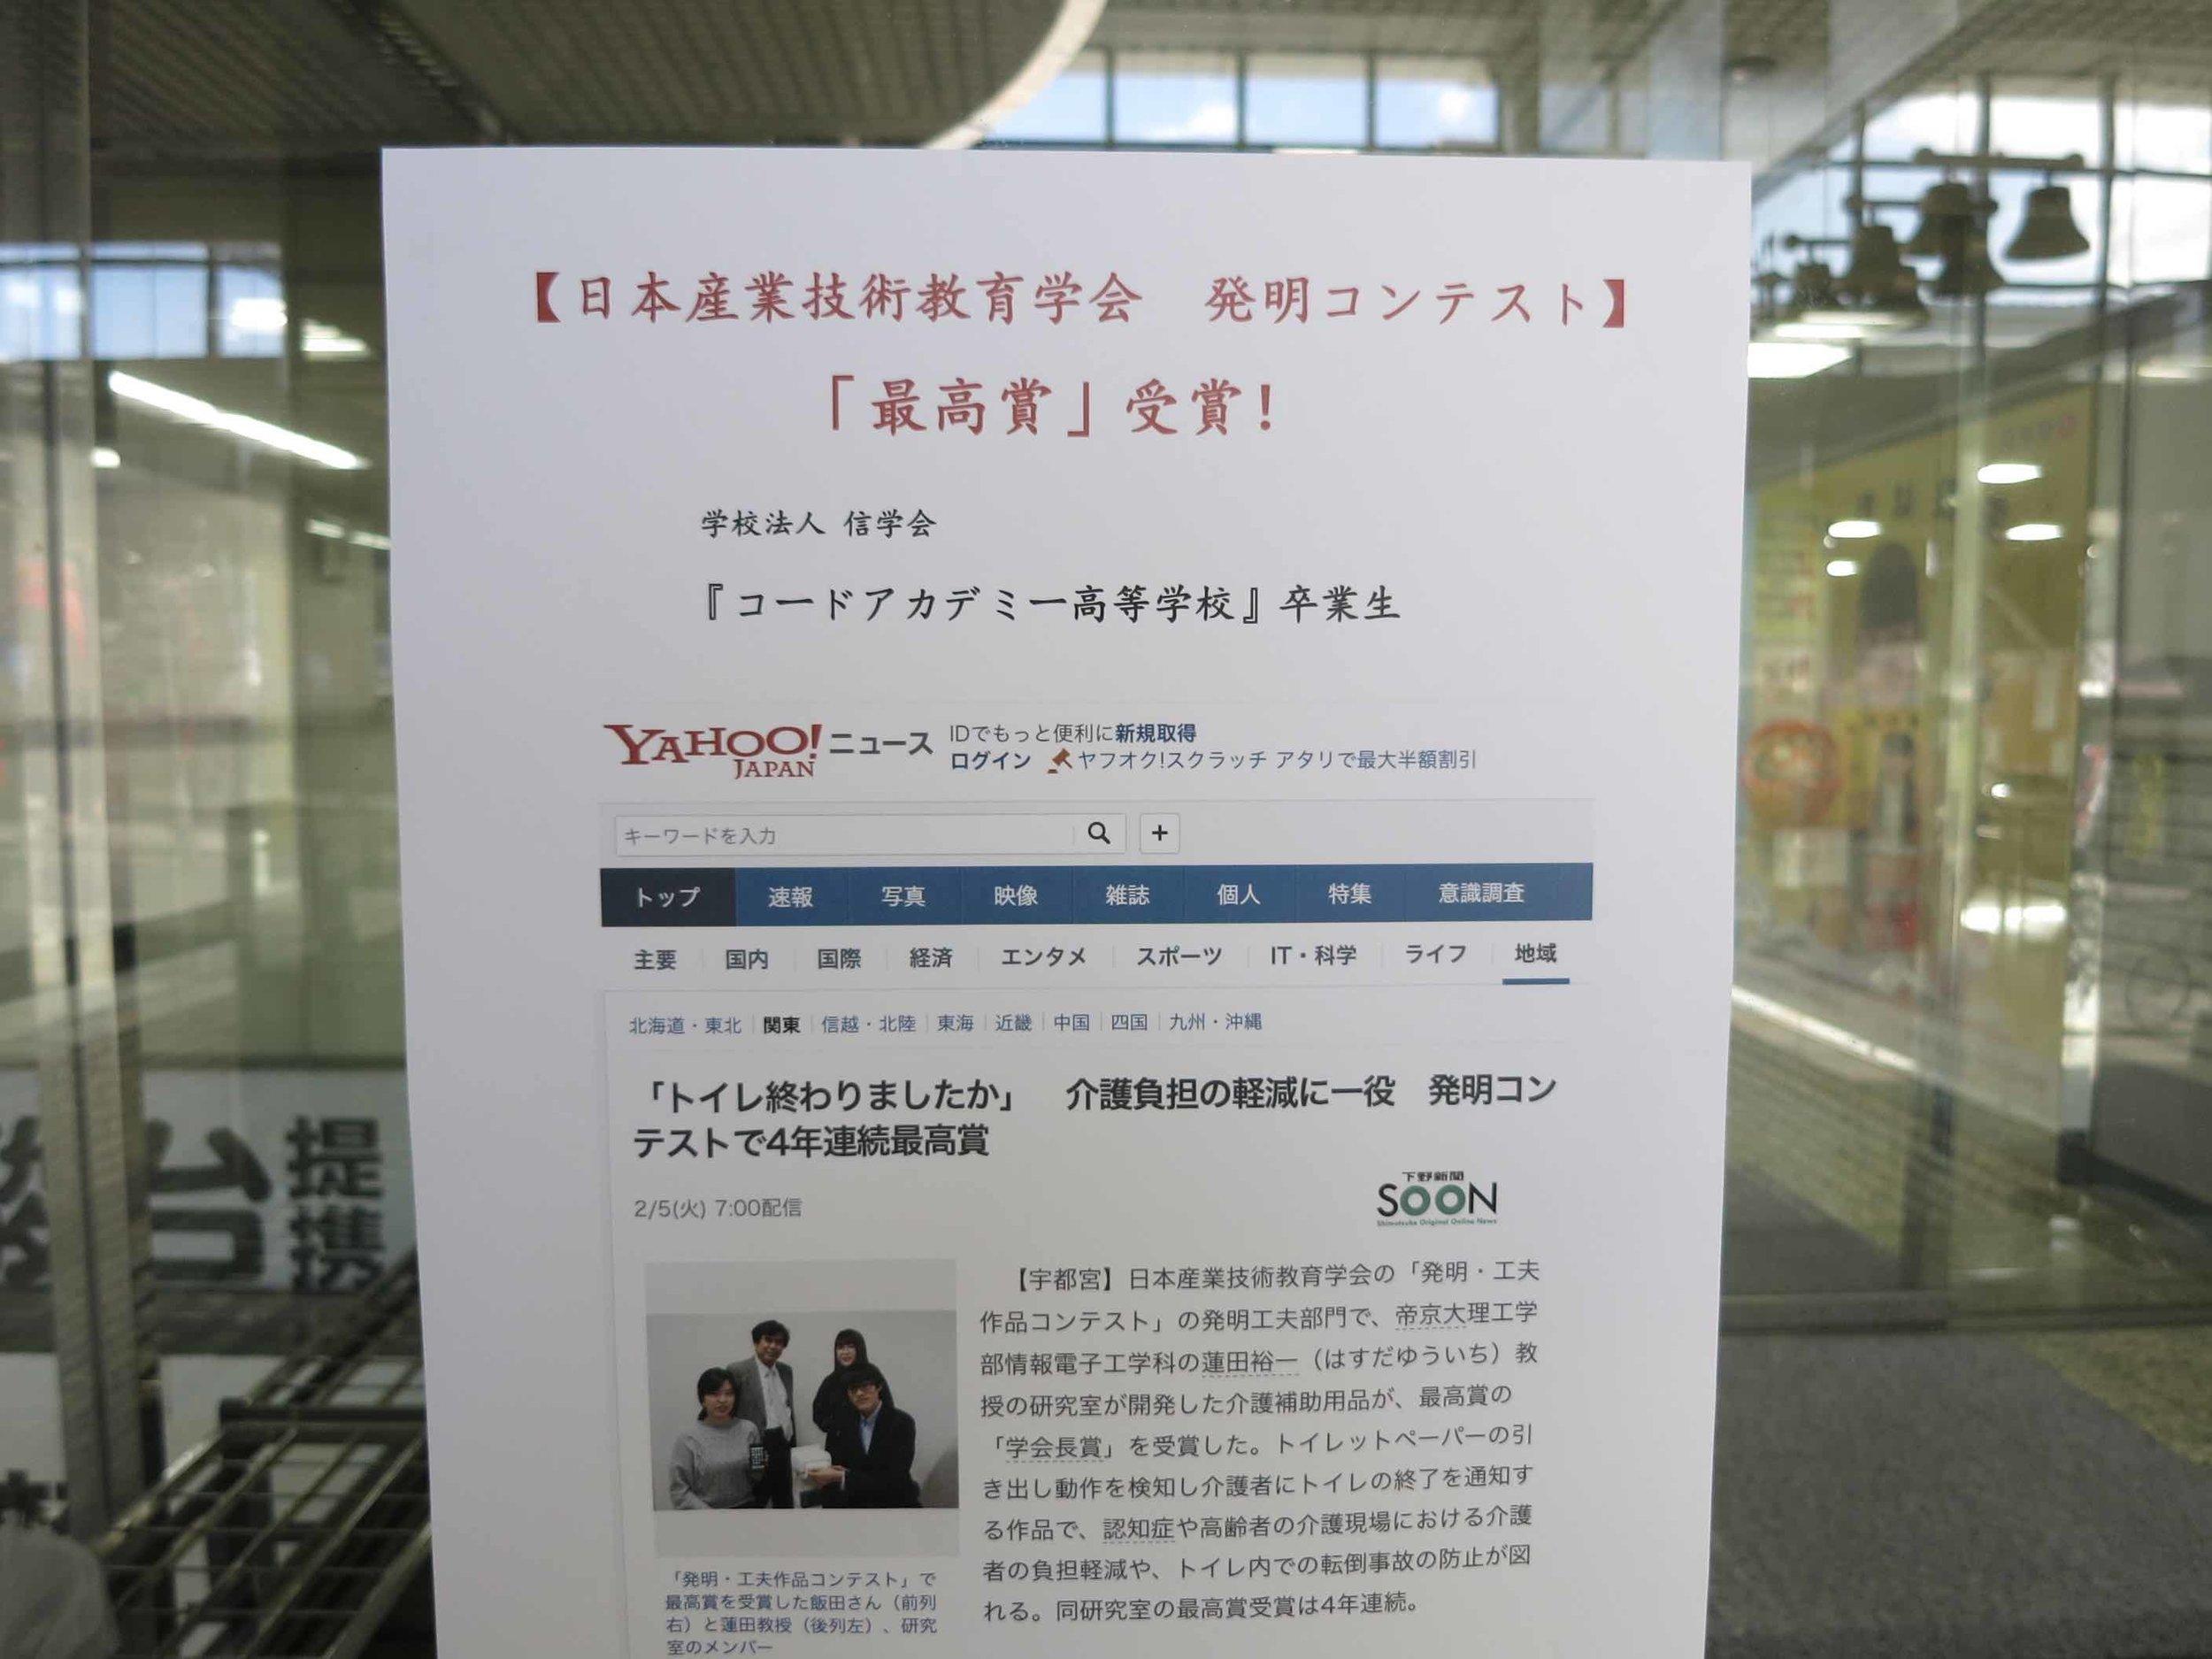 日本産業技術教育学会 最高賞受賞 掲示ポスター.jpg